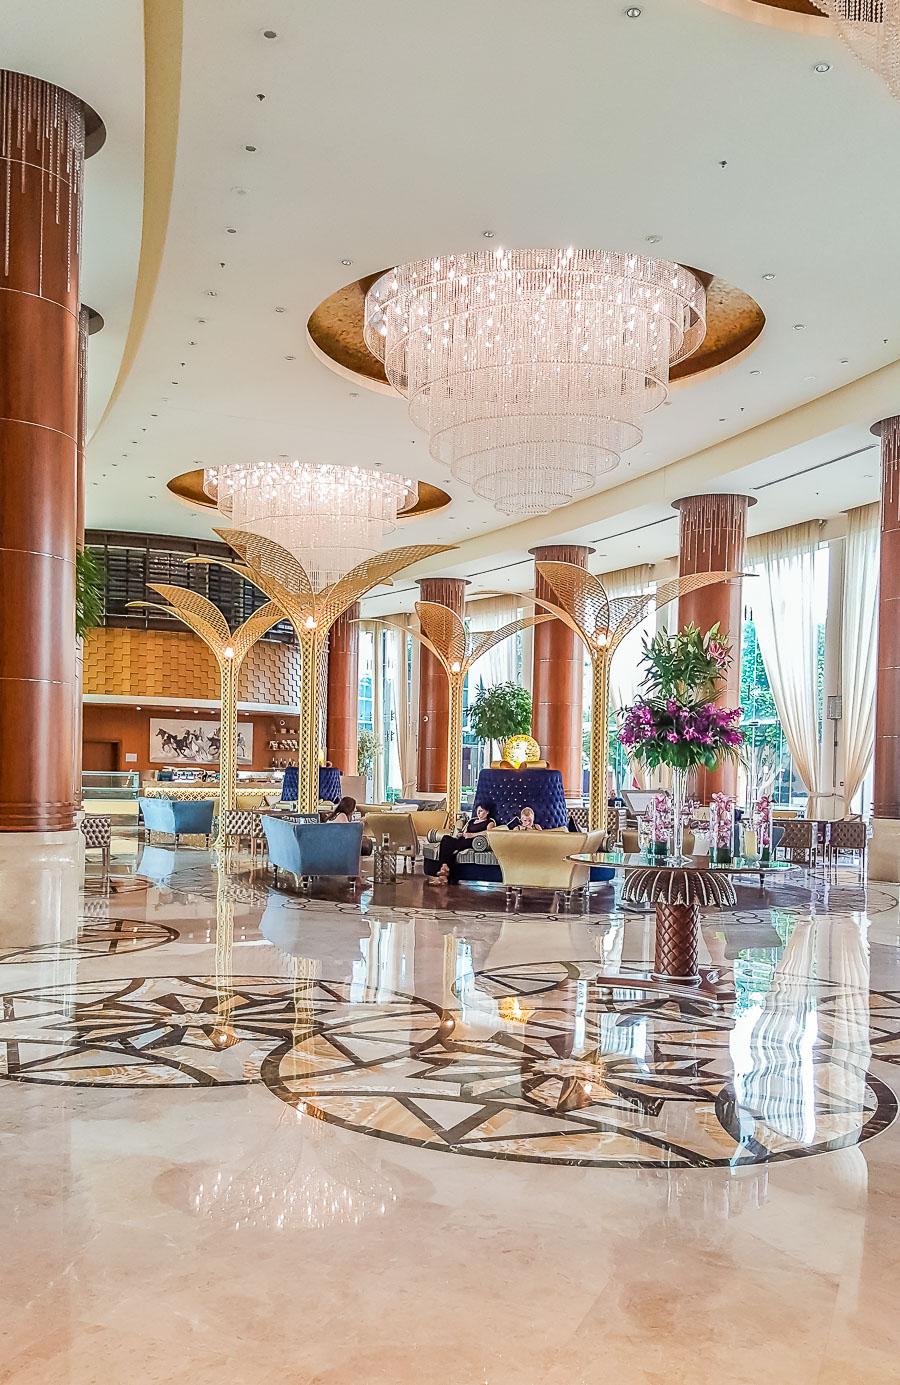 Khalidiyah Palace Rayhaan by Rotana (Abu Dhabi, UAE)